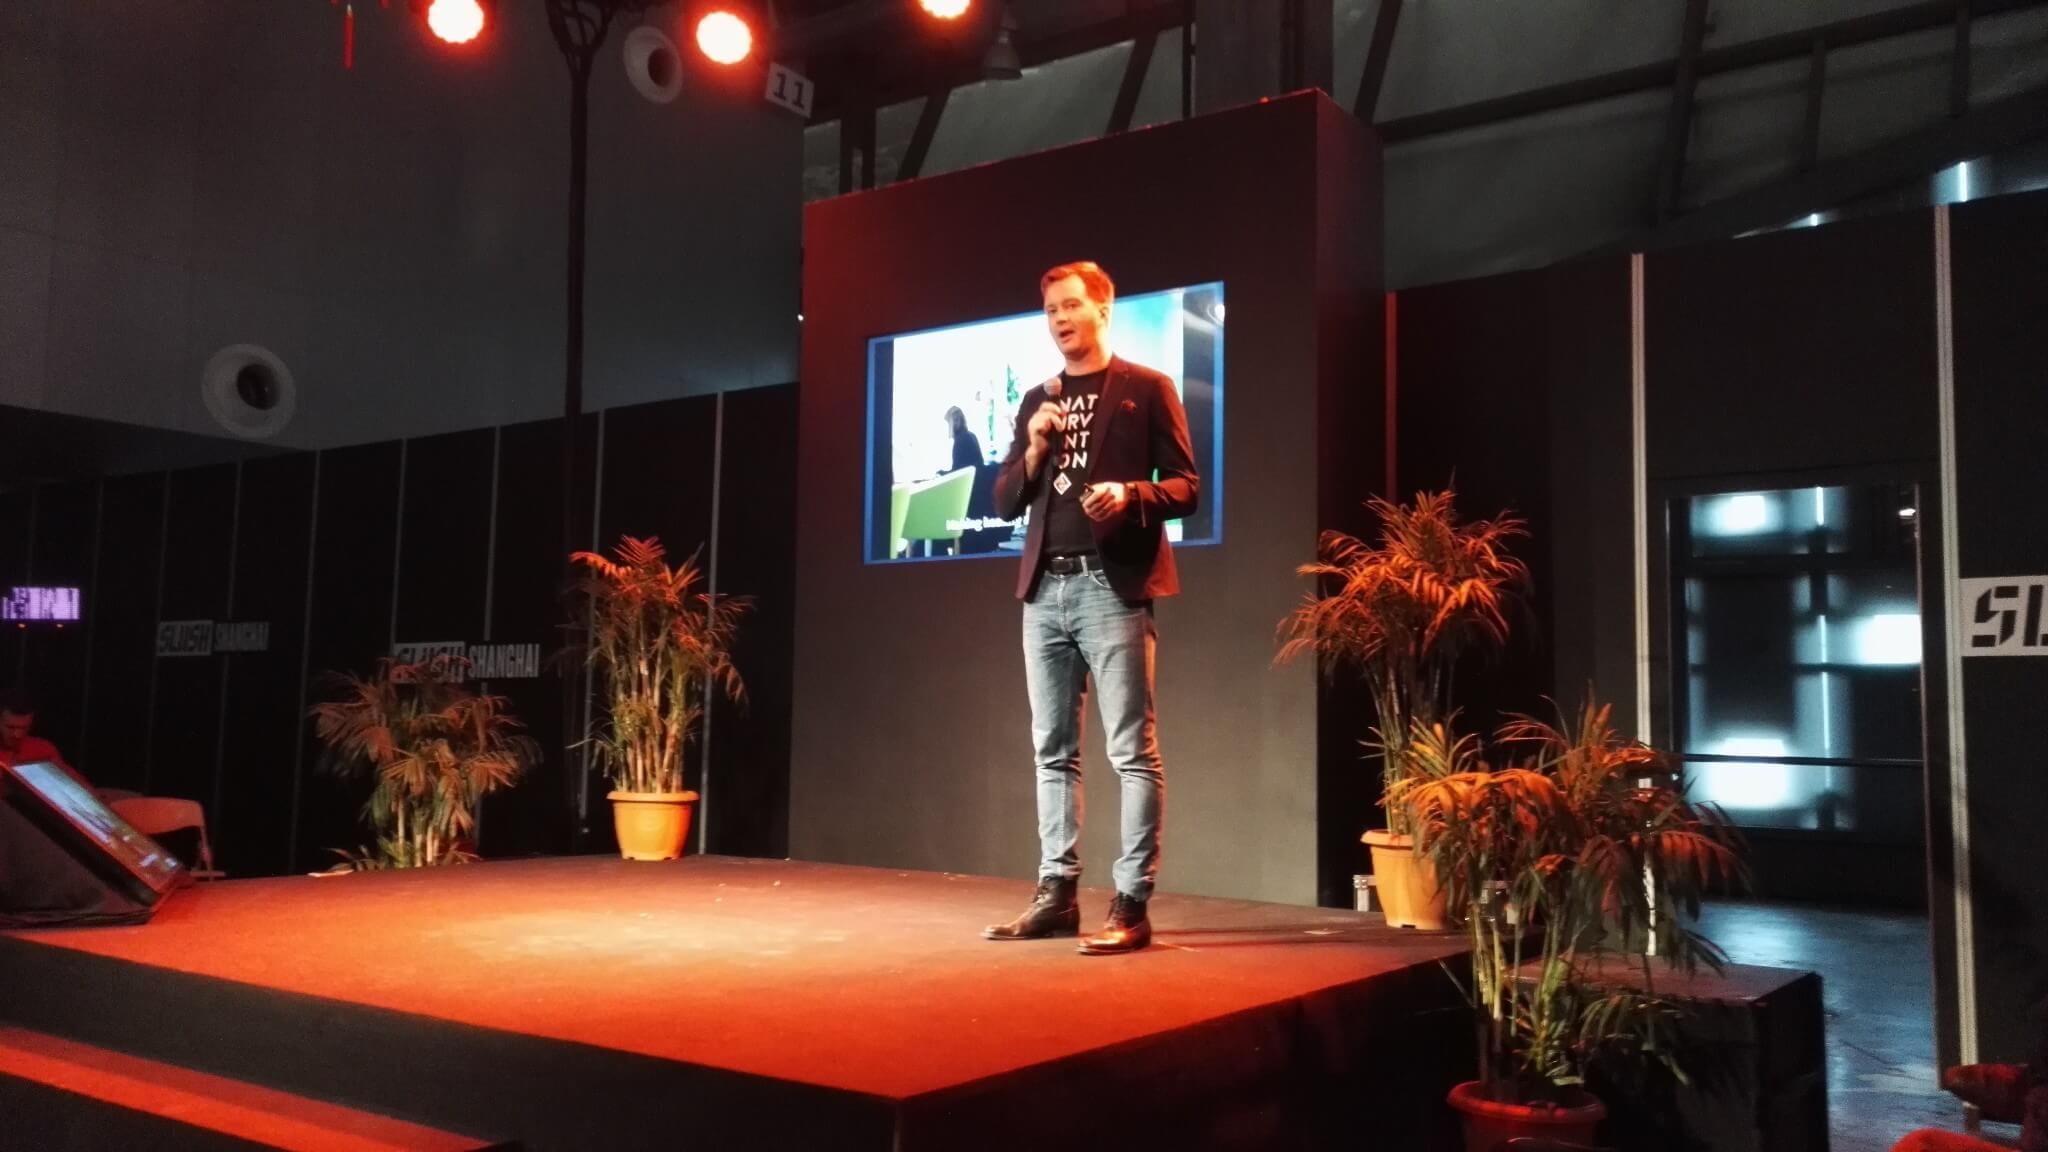 Aki Soudunsaari on stage at Slush Shanghai